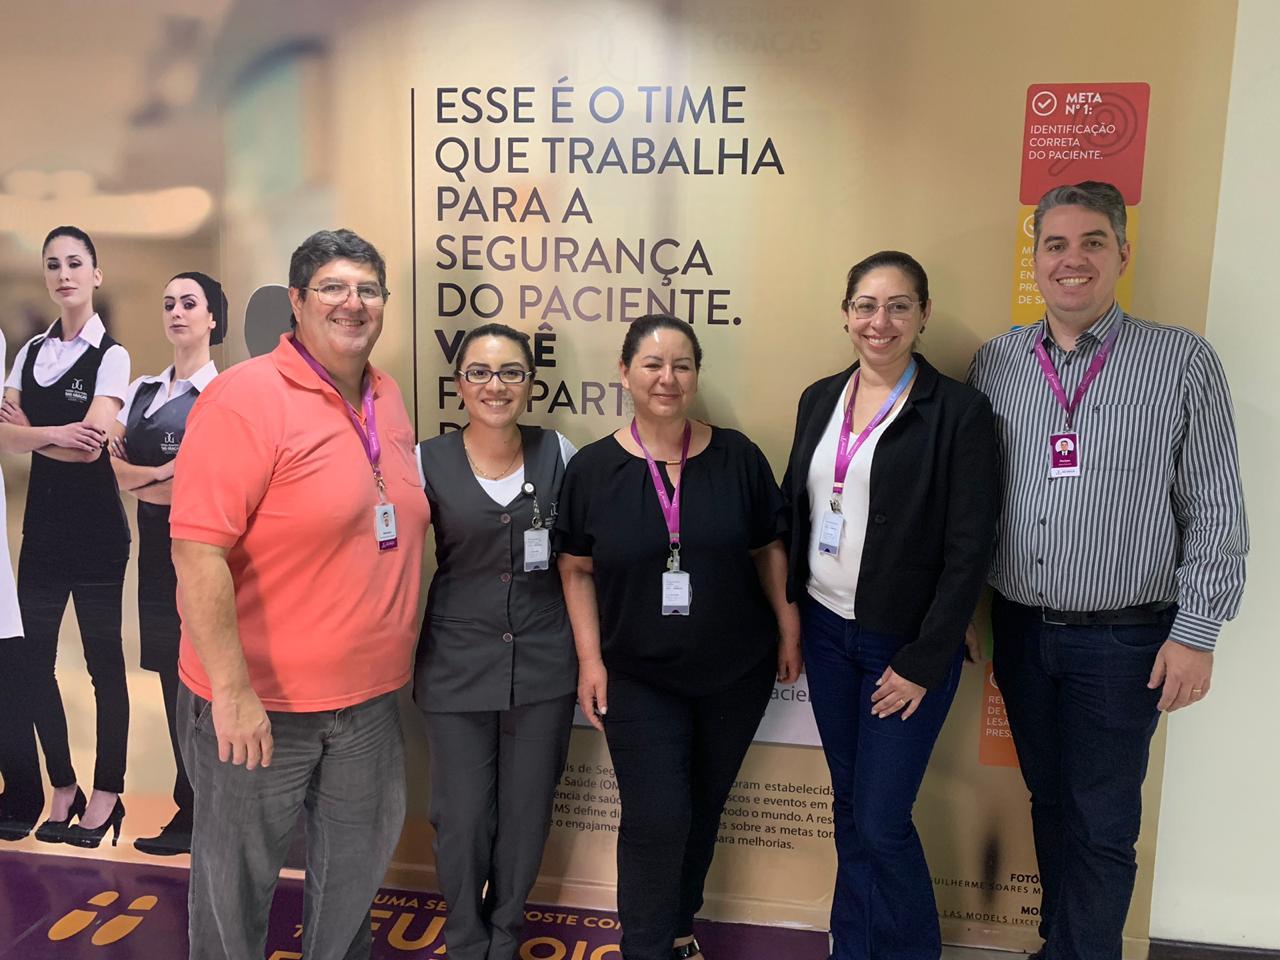 Dia Mundial da Segurança do Paciente - Hospital Nossa Senhora da Graça